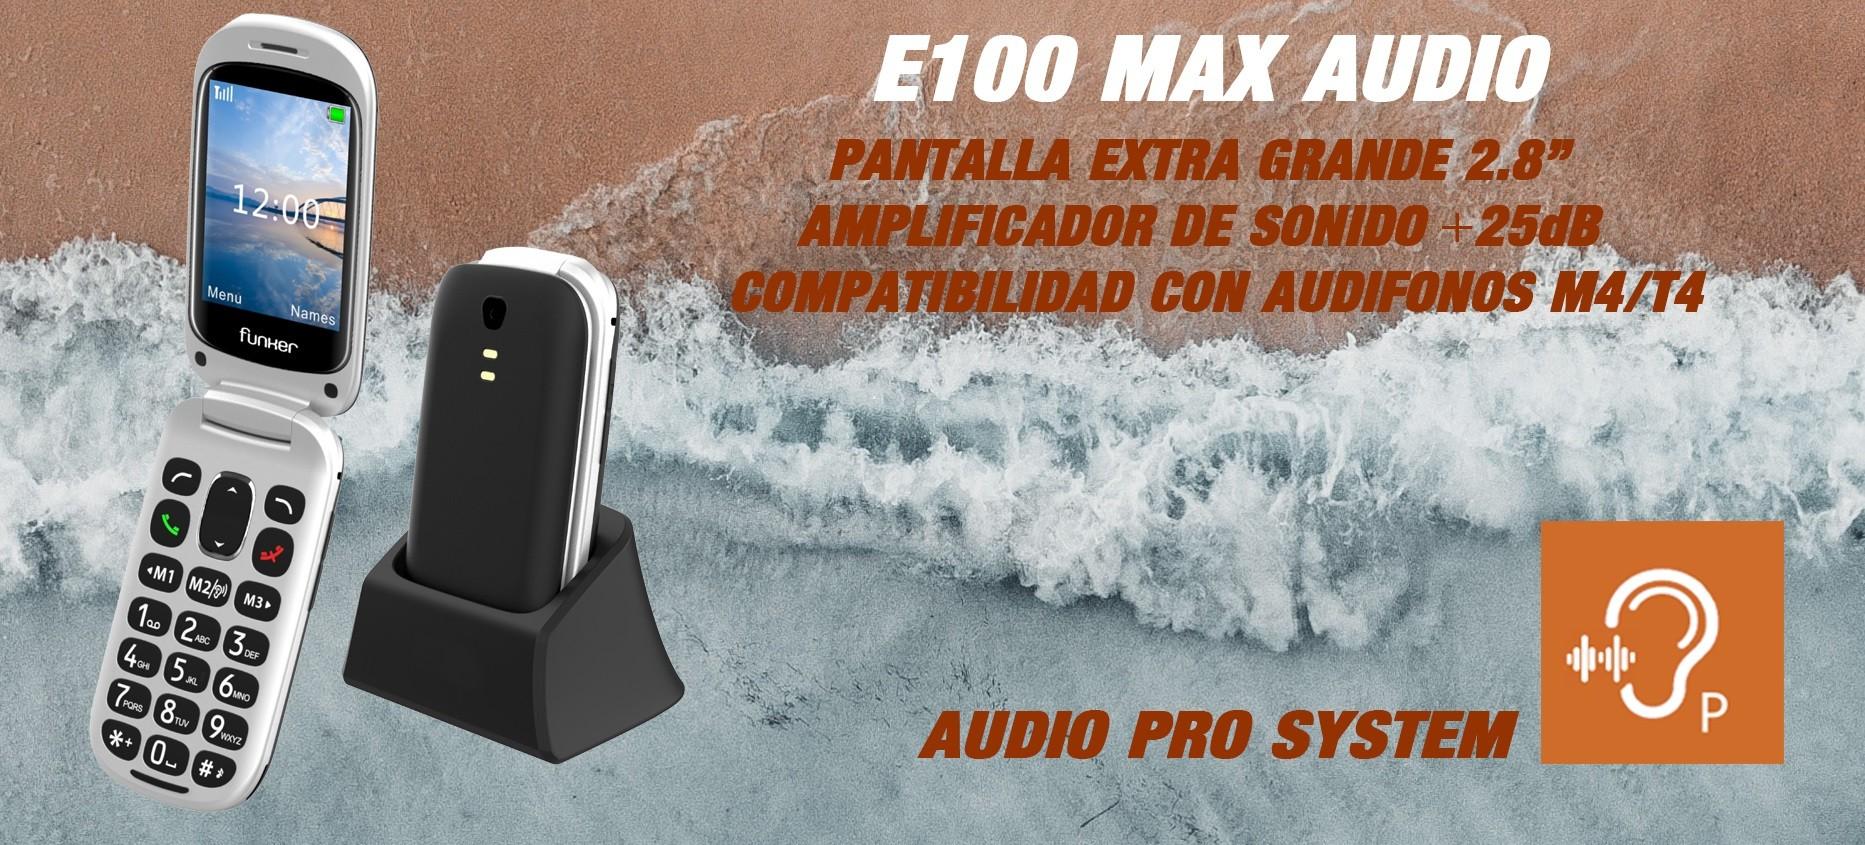 E100 MAX AUDIO